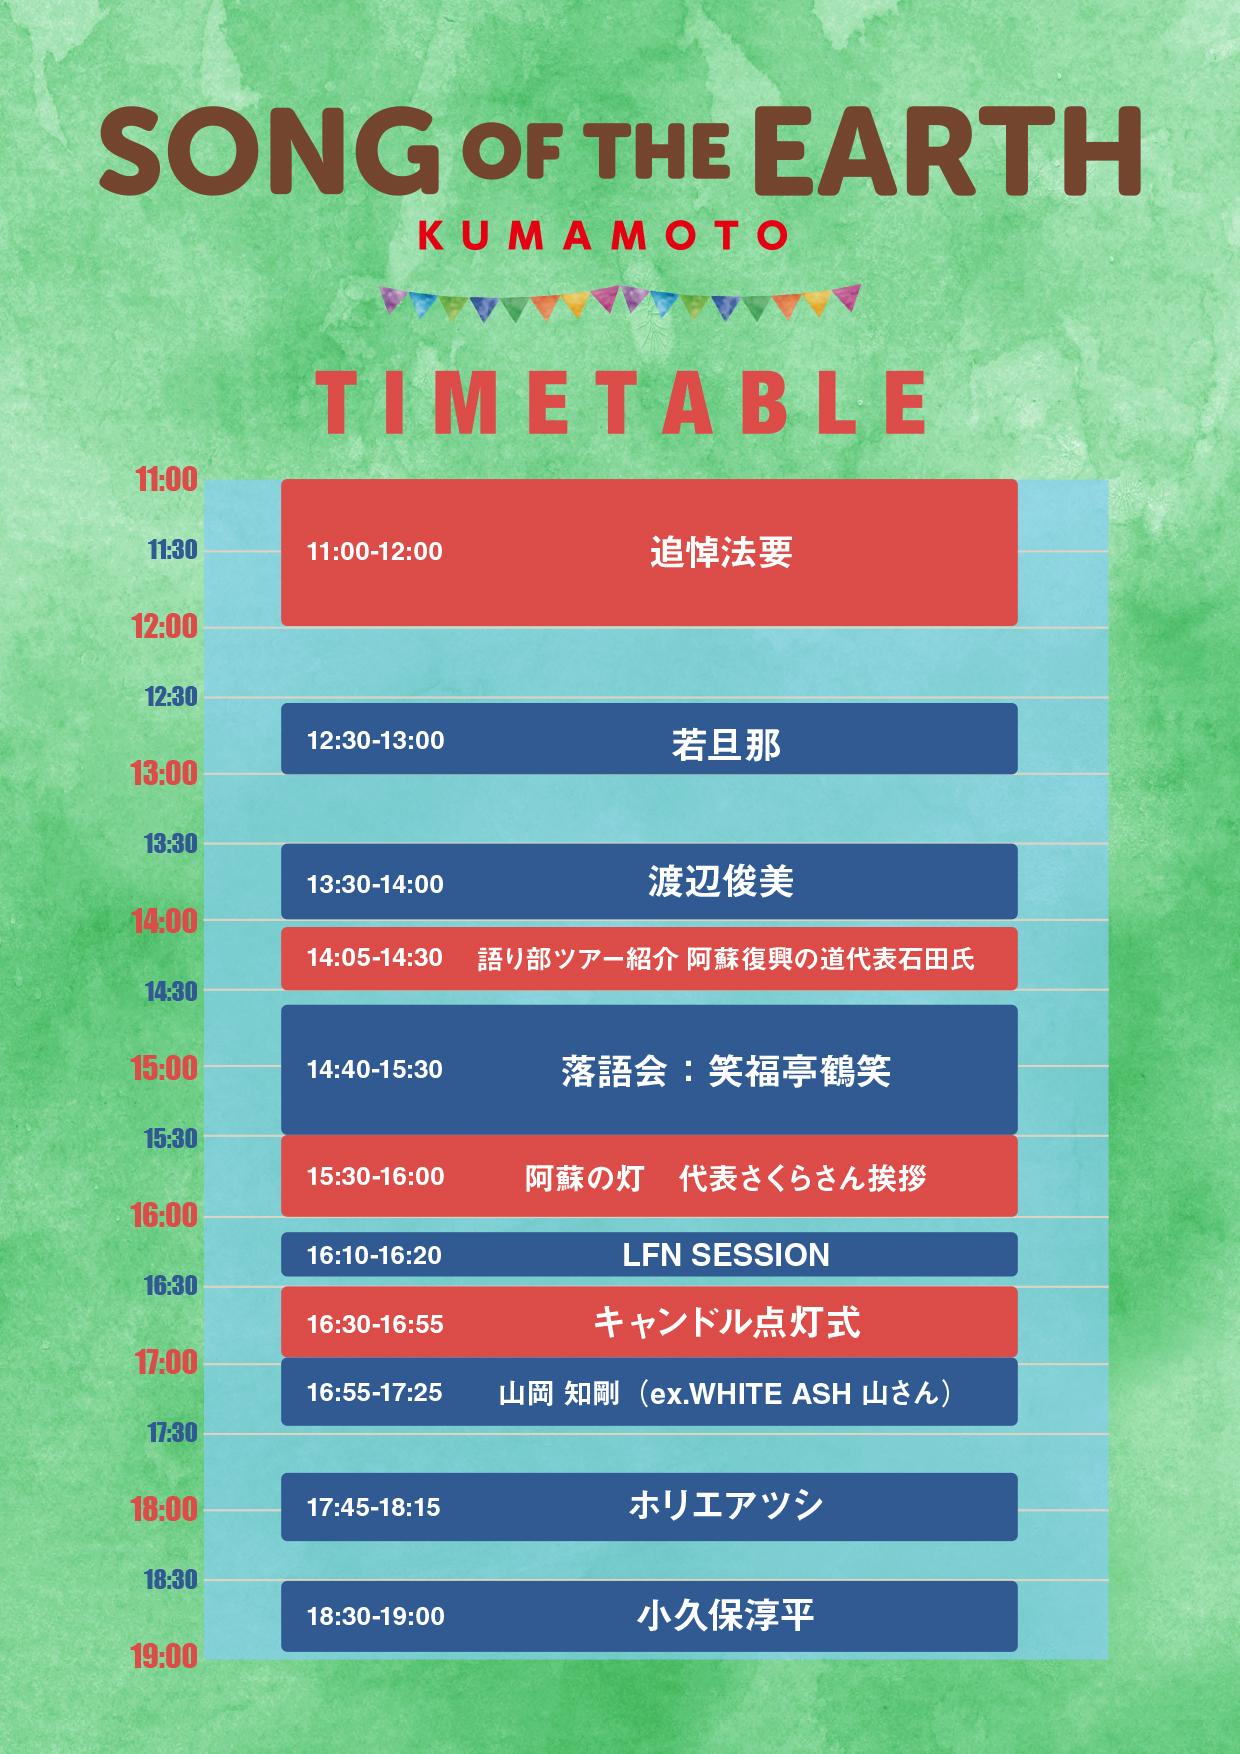 4月15日開催 「SONG OF THE EARTH -KUMAMOTO-」タイムテーブル&追加アーティスト発表!